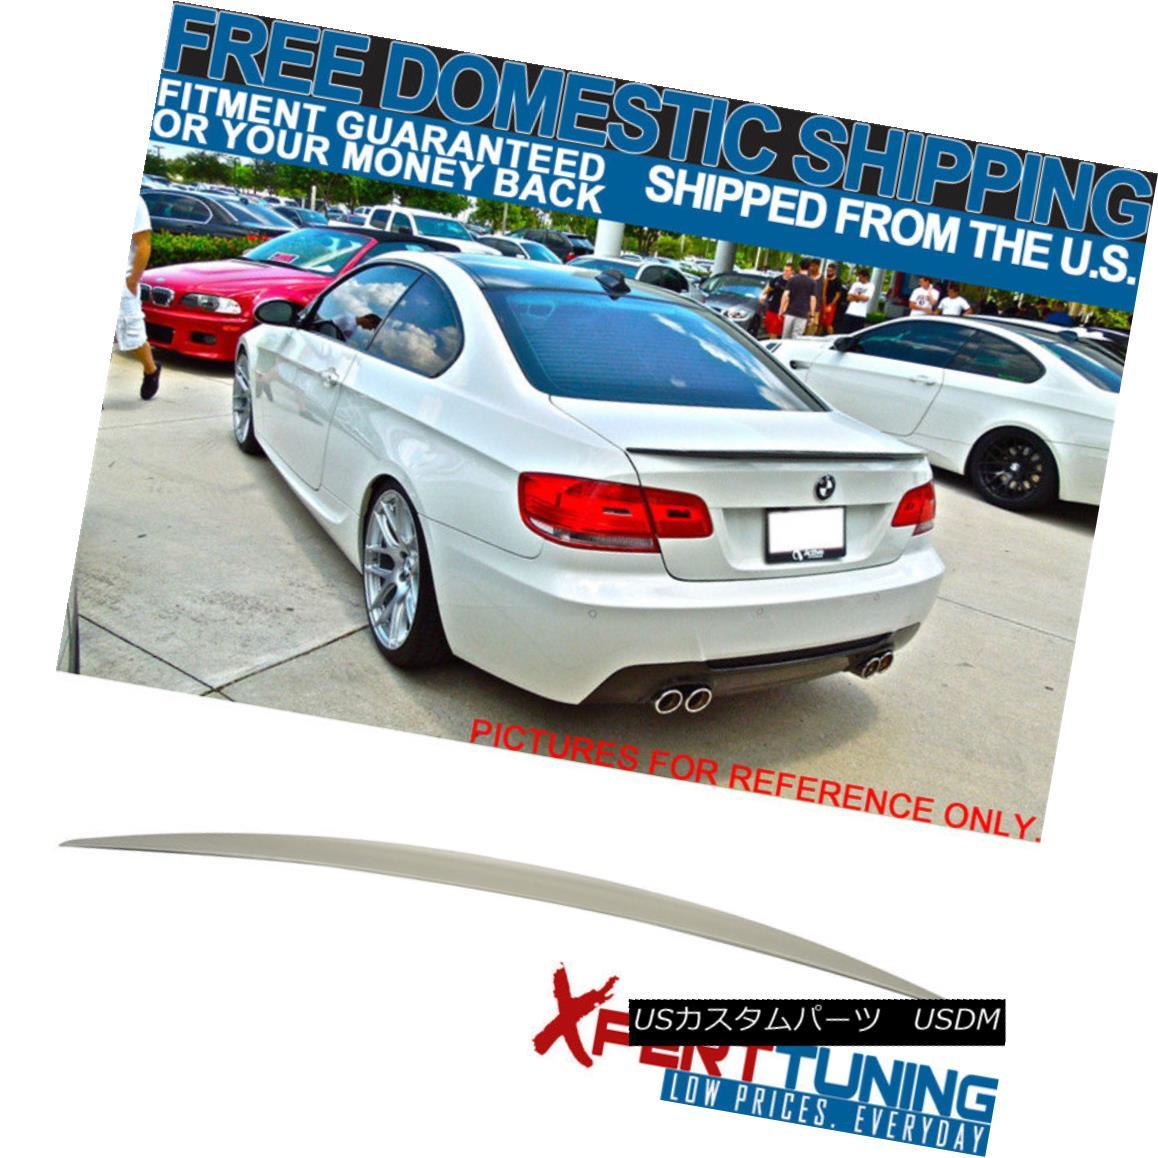 エアロパーツ 07-13 BMW 3-Series E92 Trunk 2Dr Performance Style Unpainted ABS Trunk Spoiler 07-13 BMW 3シリーズE92トランク2Drパフォーマンススタイル無塗装ABSトランク・スポイラー